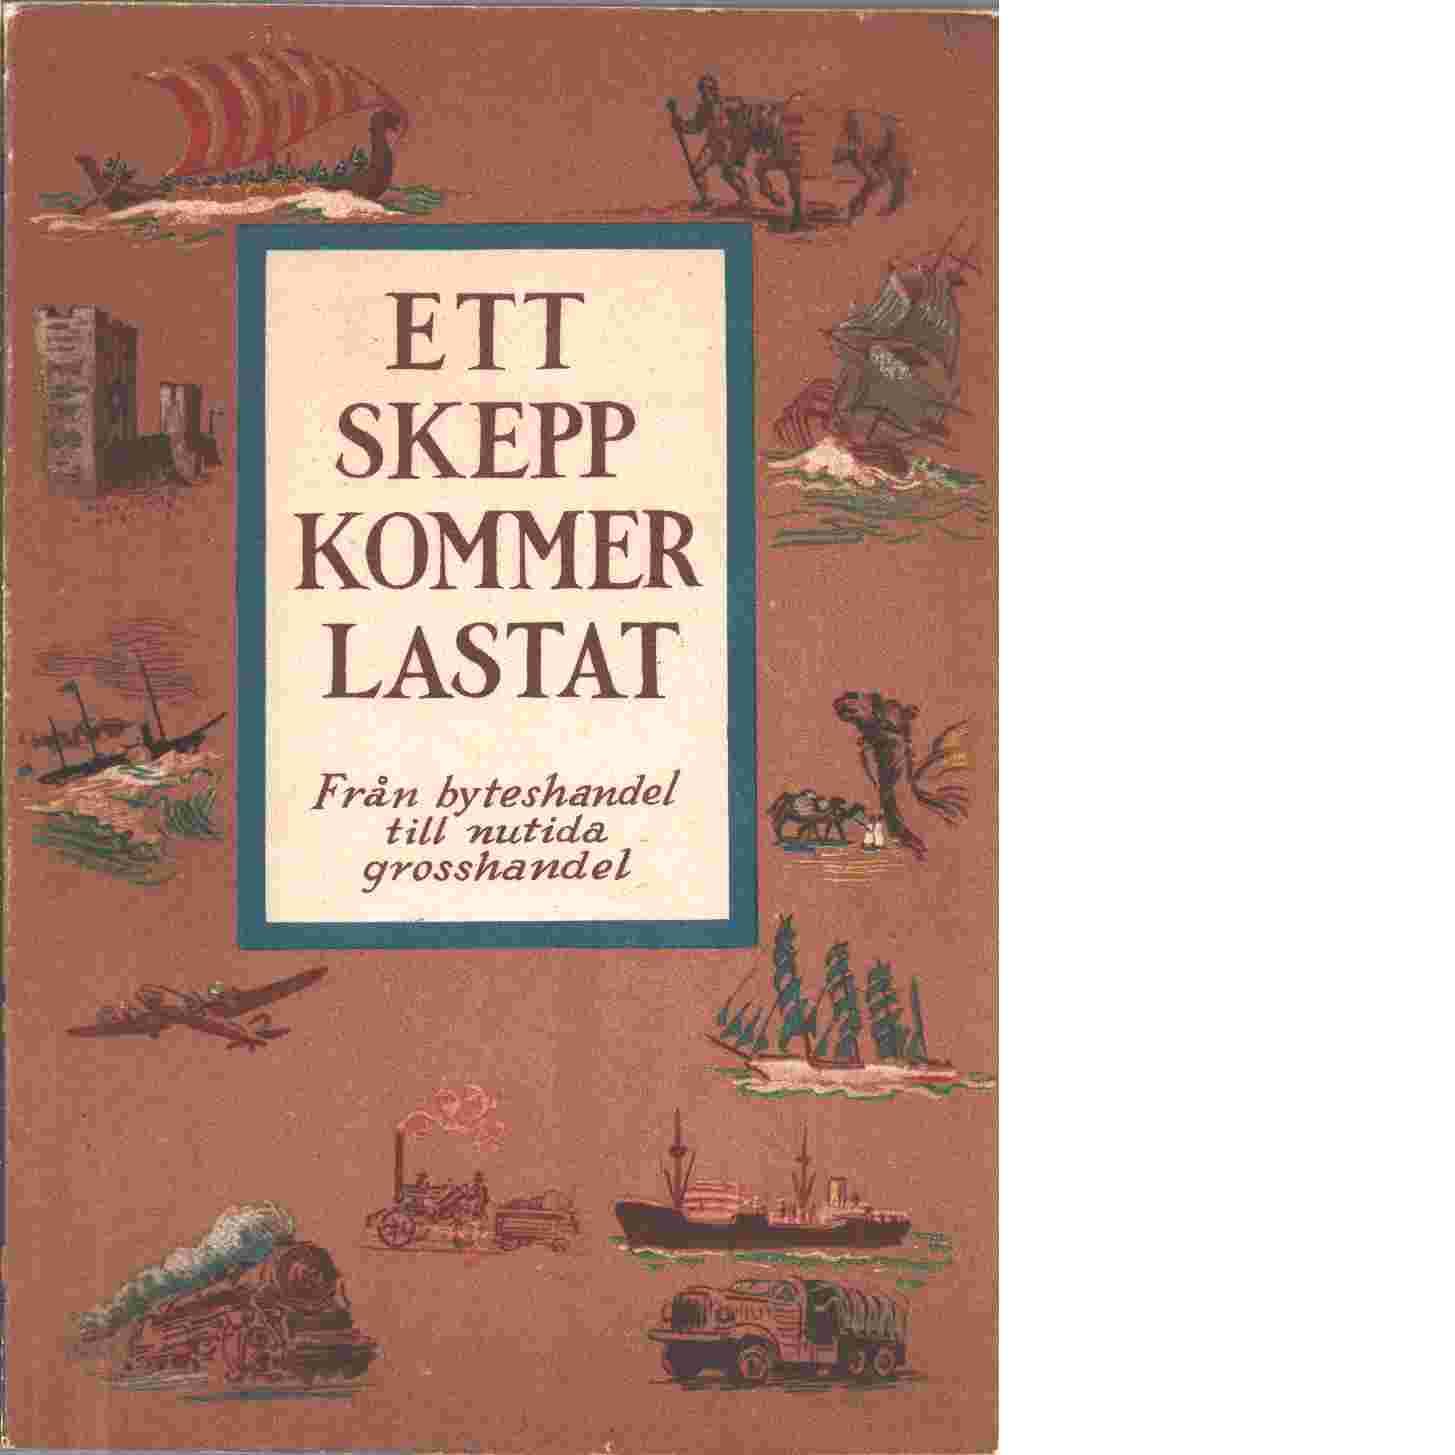 Ett skepp kommer lastat : från byteshandel til nutida grosshandel - Åhlén & Åkerlunds boktryckeri Stockholm